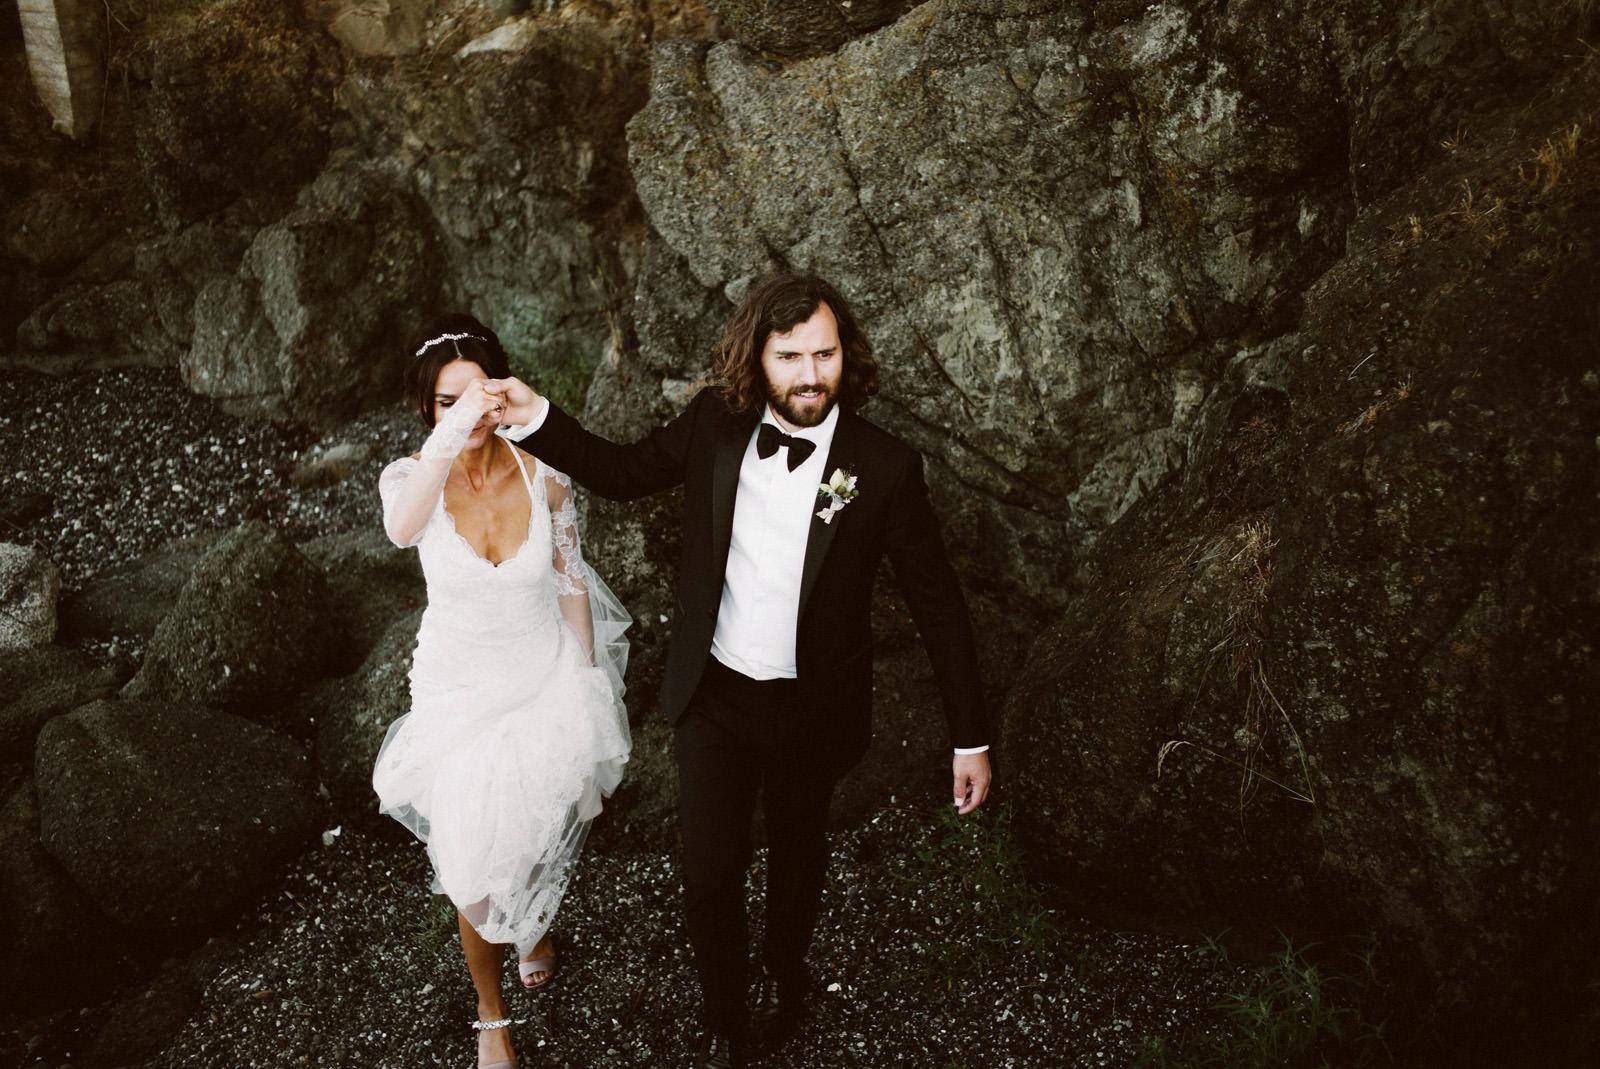 kaityjeff-blog-077 ORCAS ISLAND WEDDING